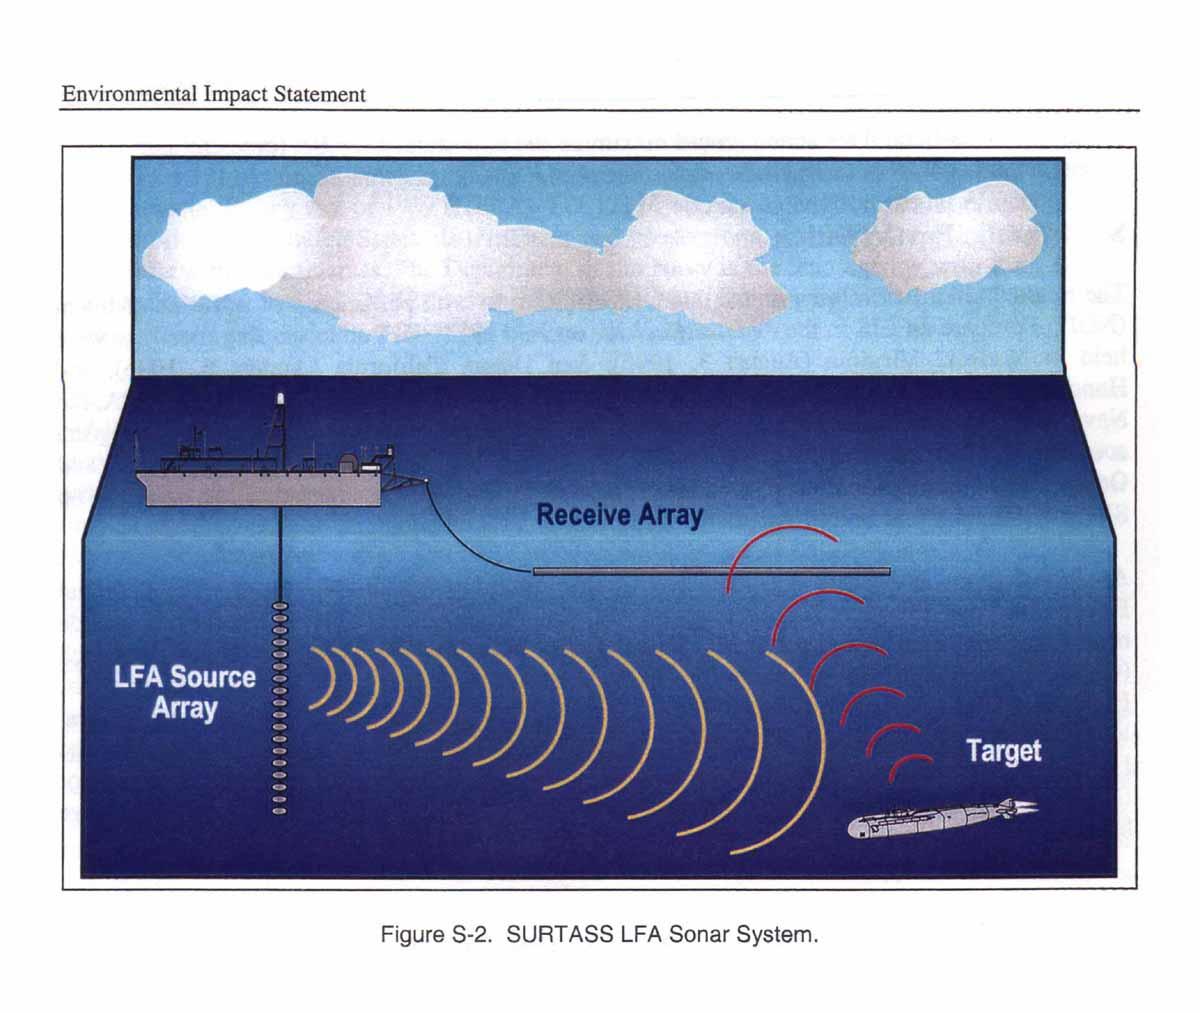 SURTASS LFA Sonar System 2.jpg